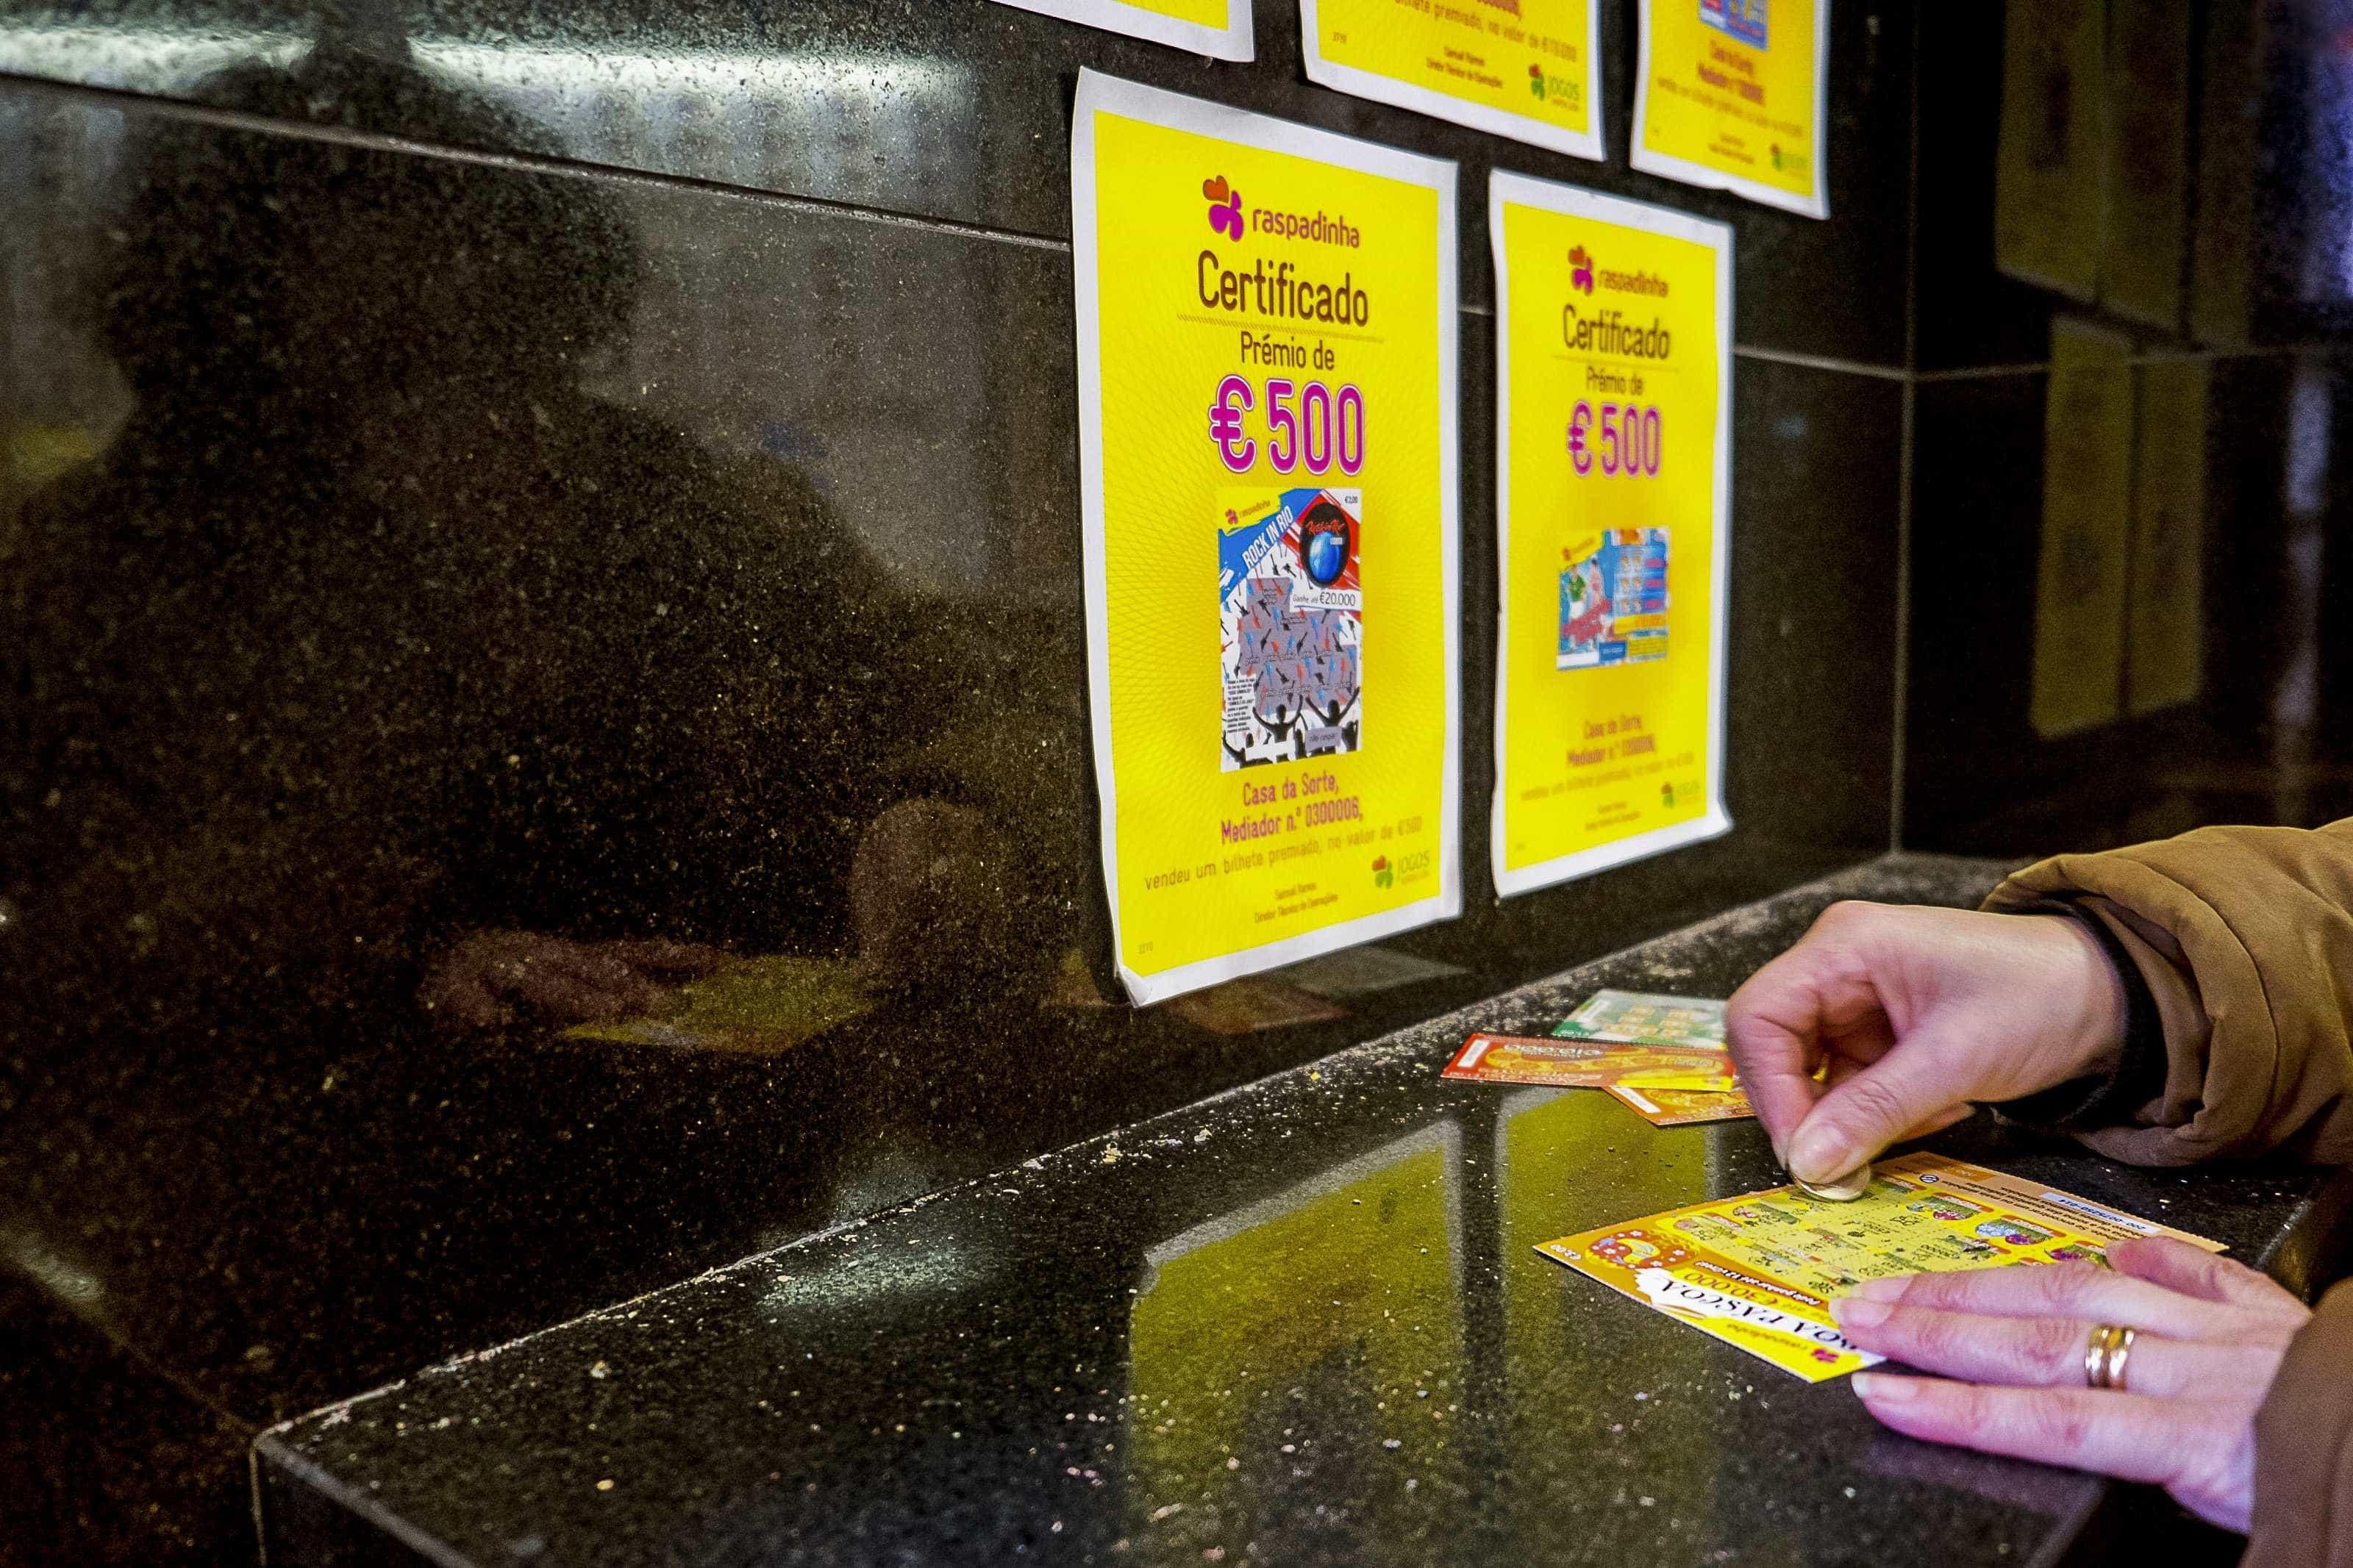 Como aumentar a probabilidade de ganhar dinheiro nas raspadinhas